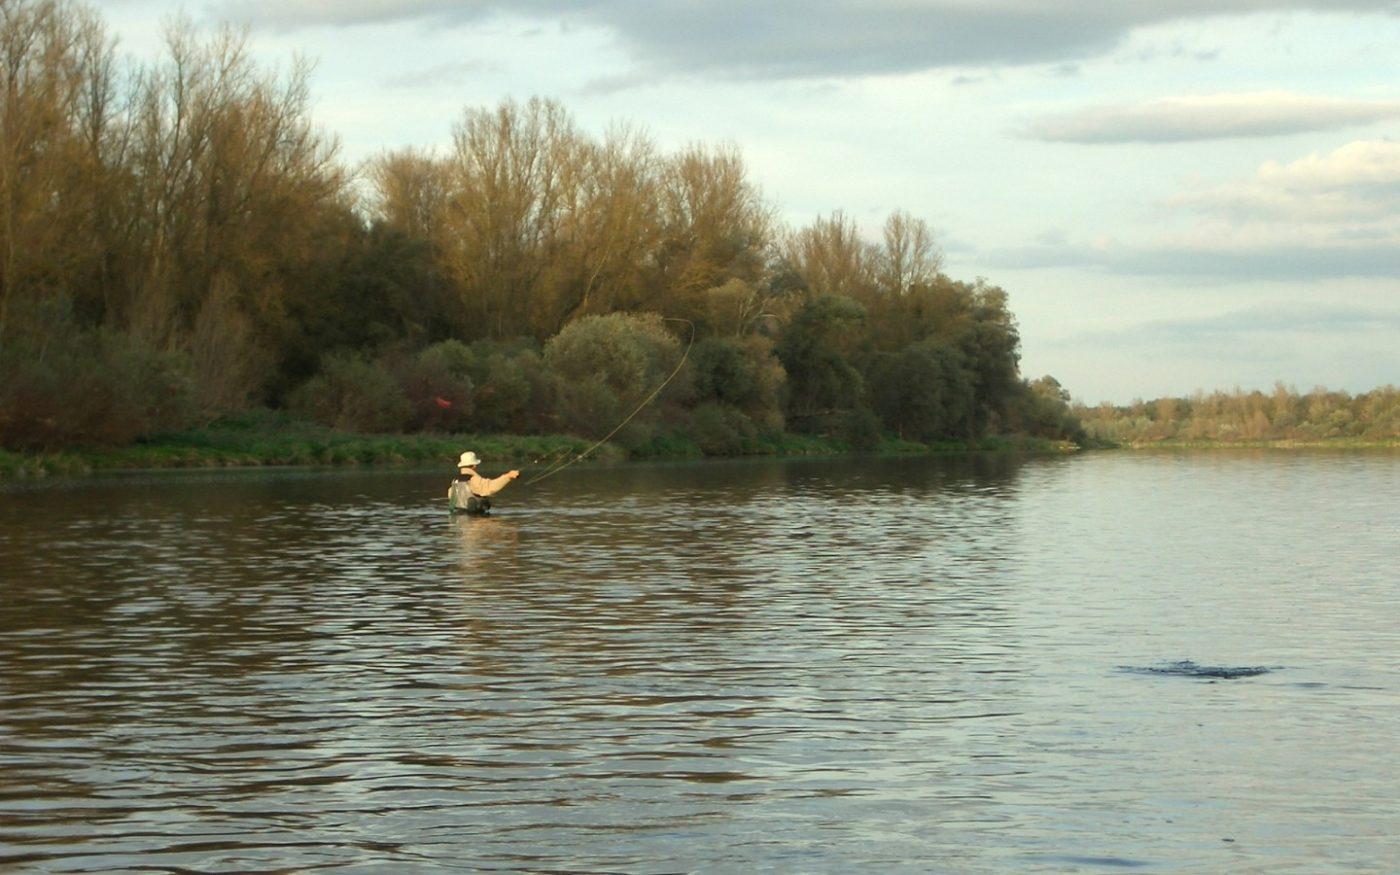 pêche à la mouche sur le vieux Rhin. Surveiller le niveau du fleuve est important pour votre sécurité